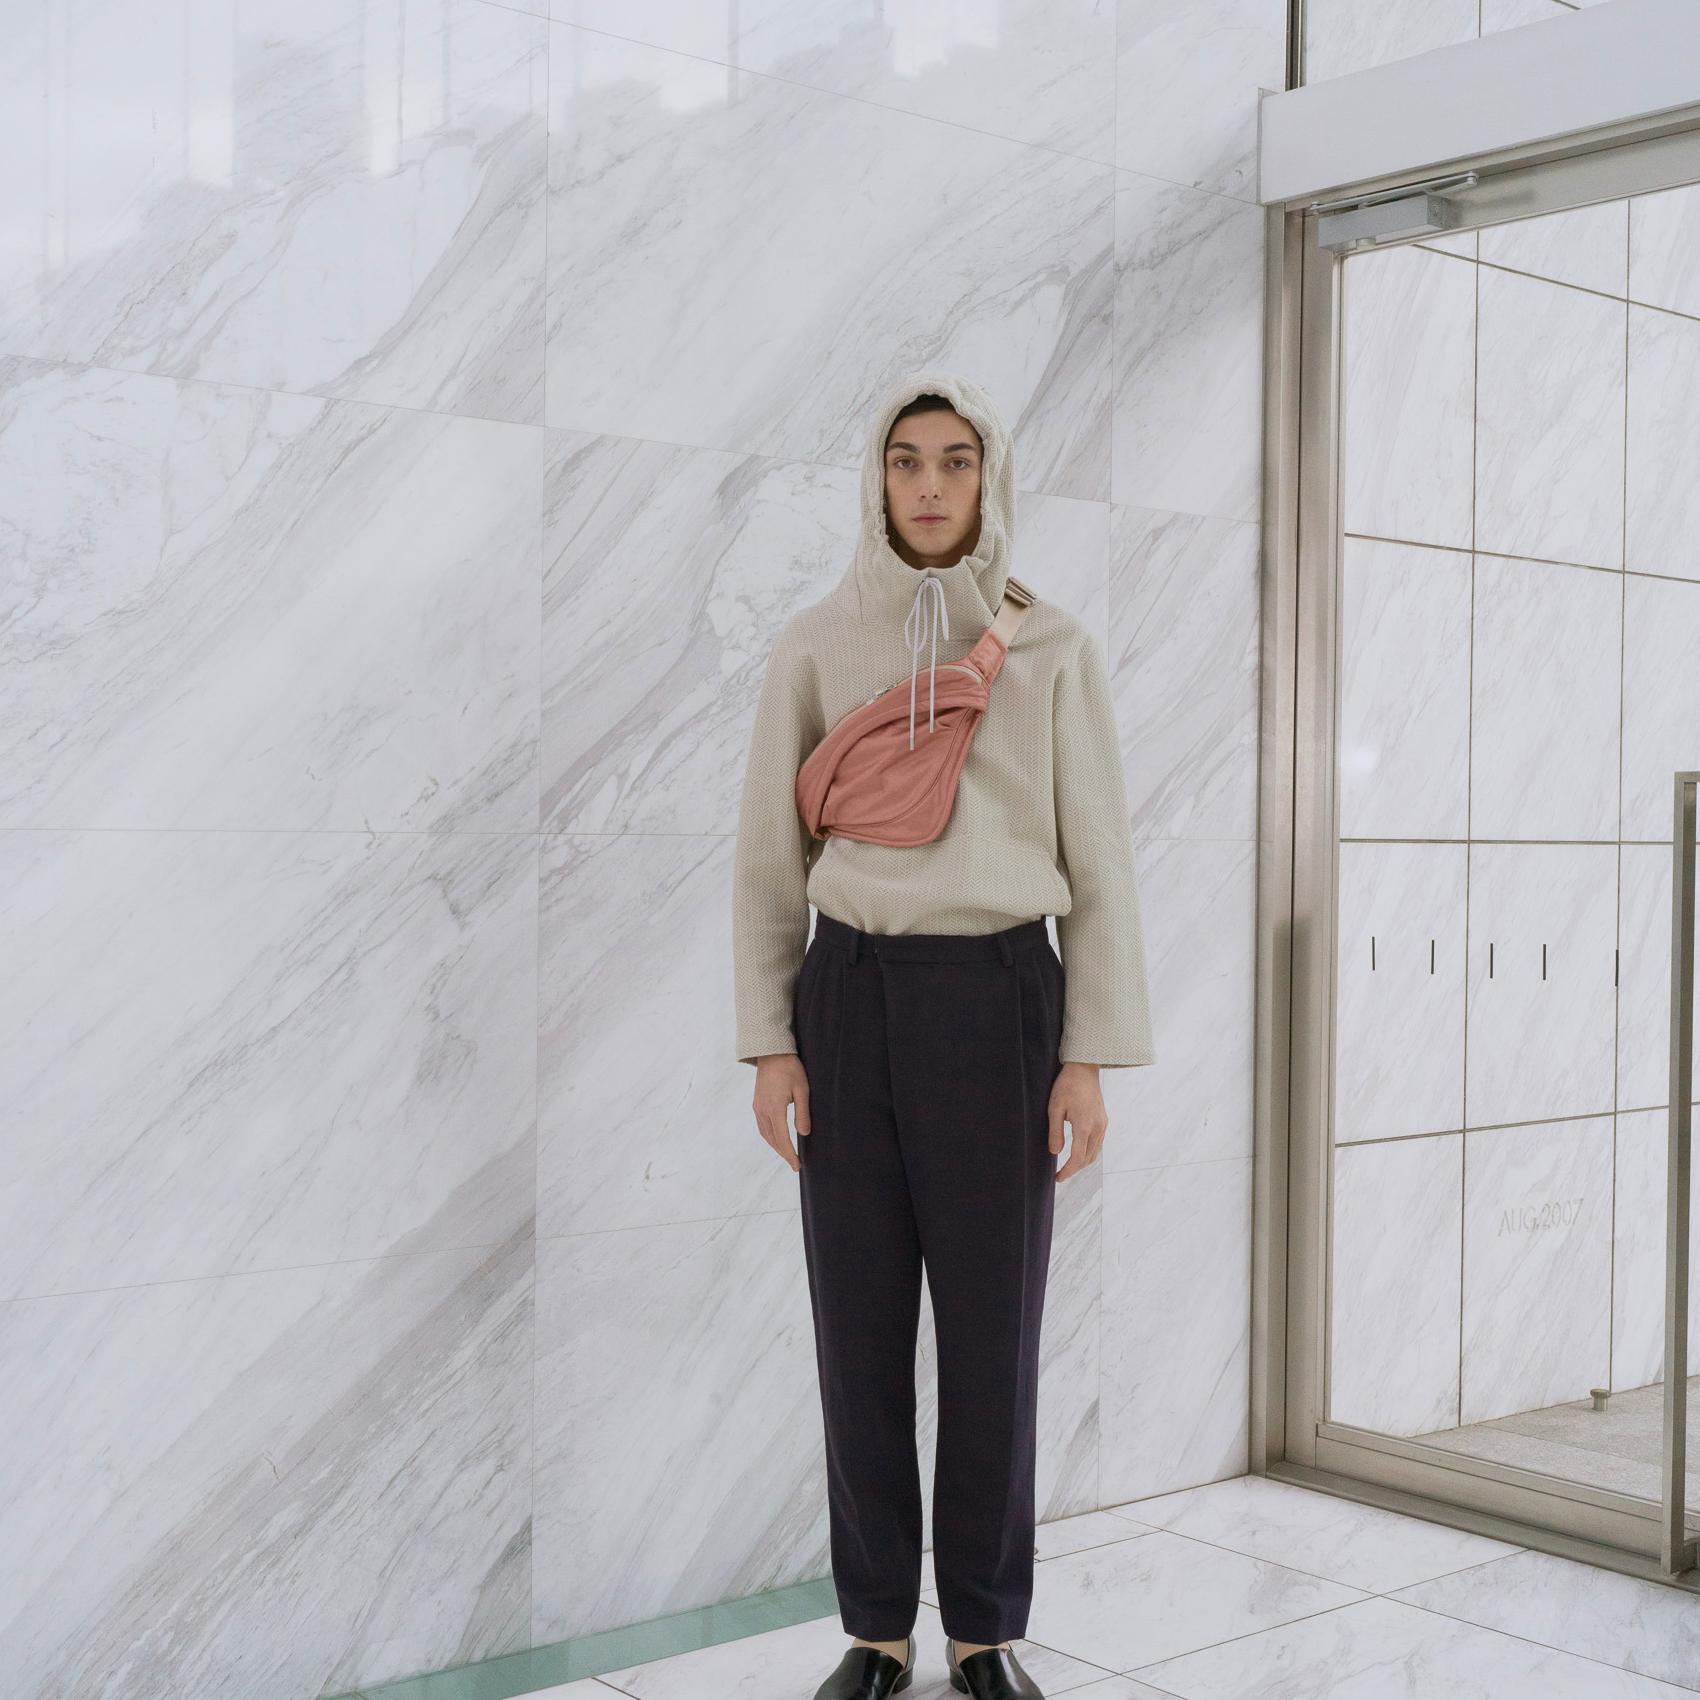 主打連帽衫而備受矚目,日本設計師品牌 HATRA 春夏紳裝新作也令人期待